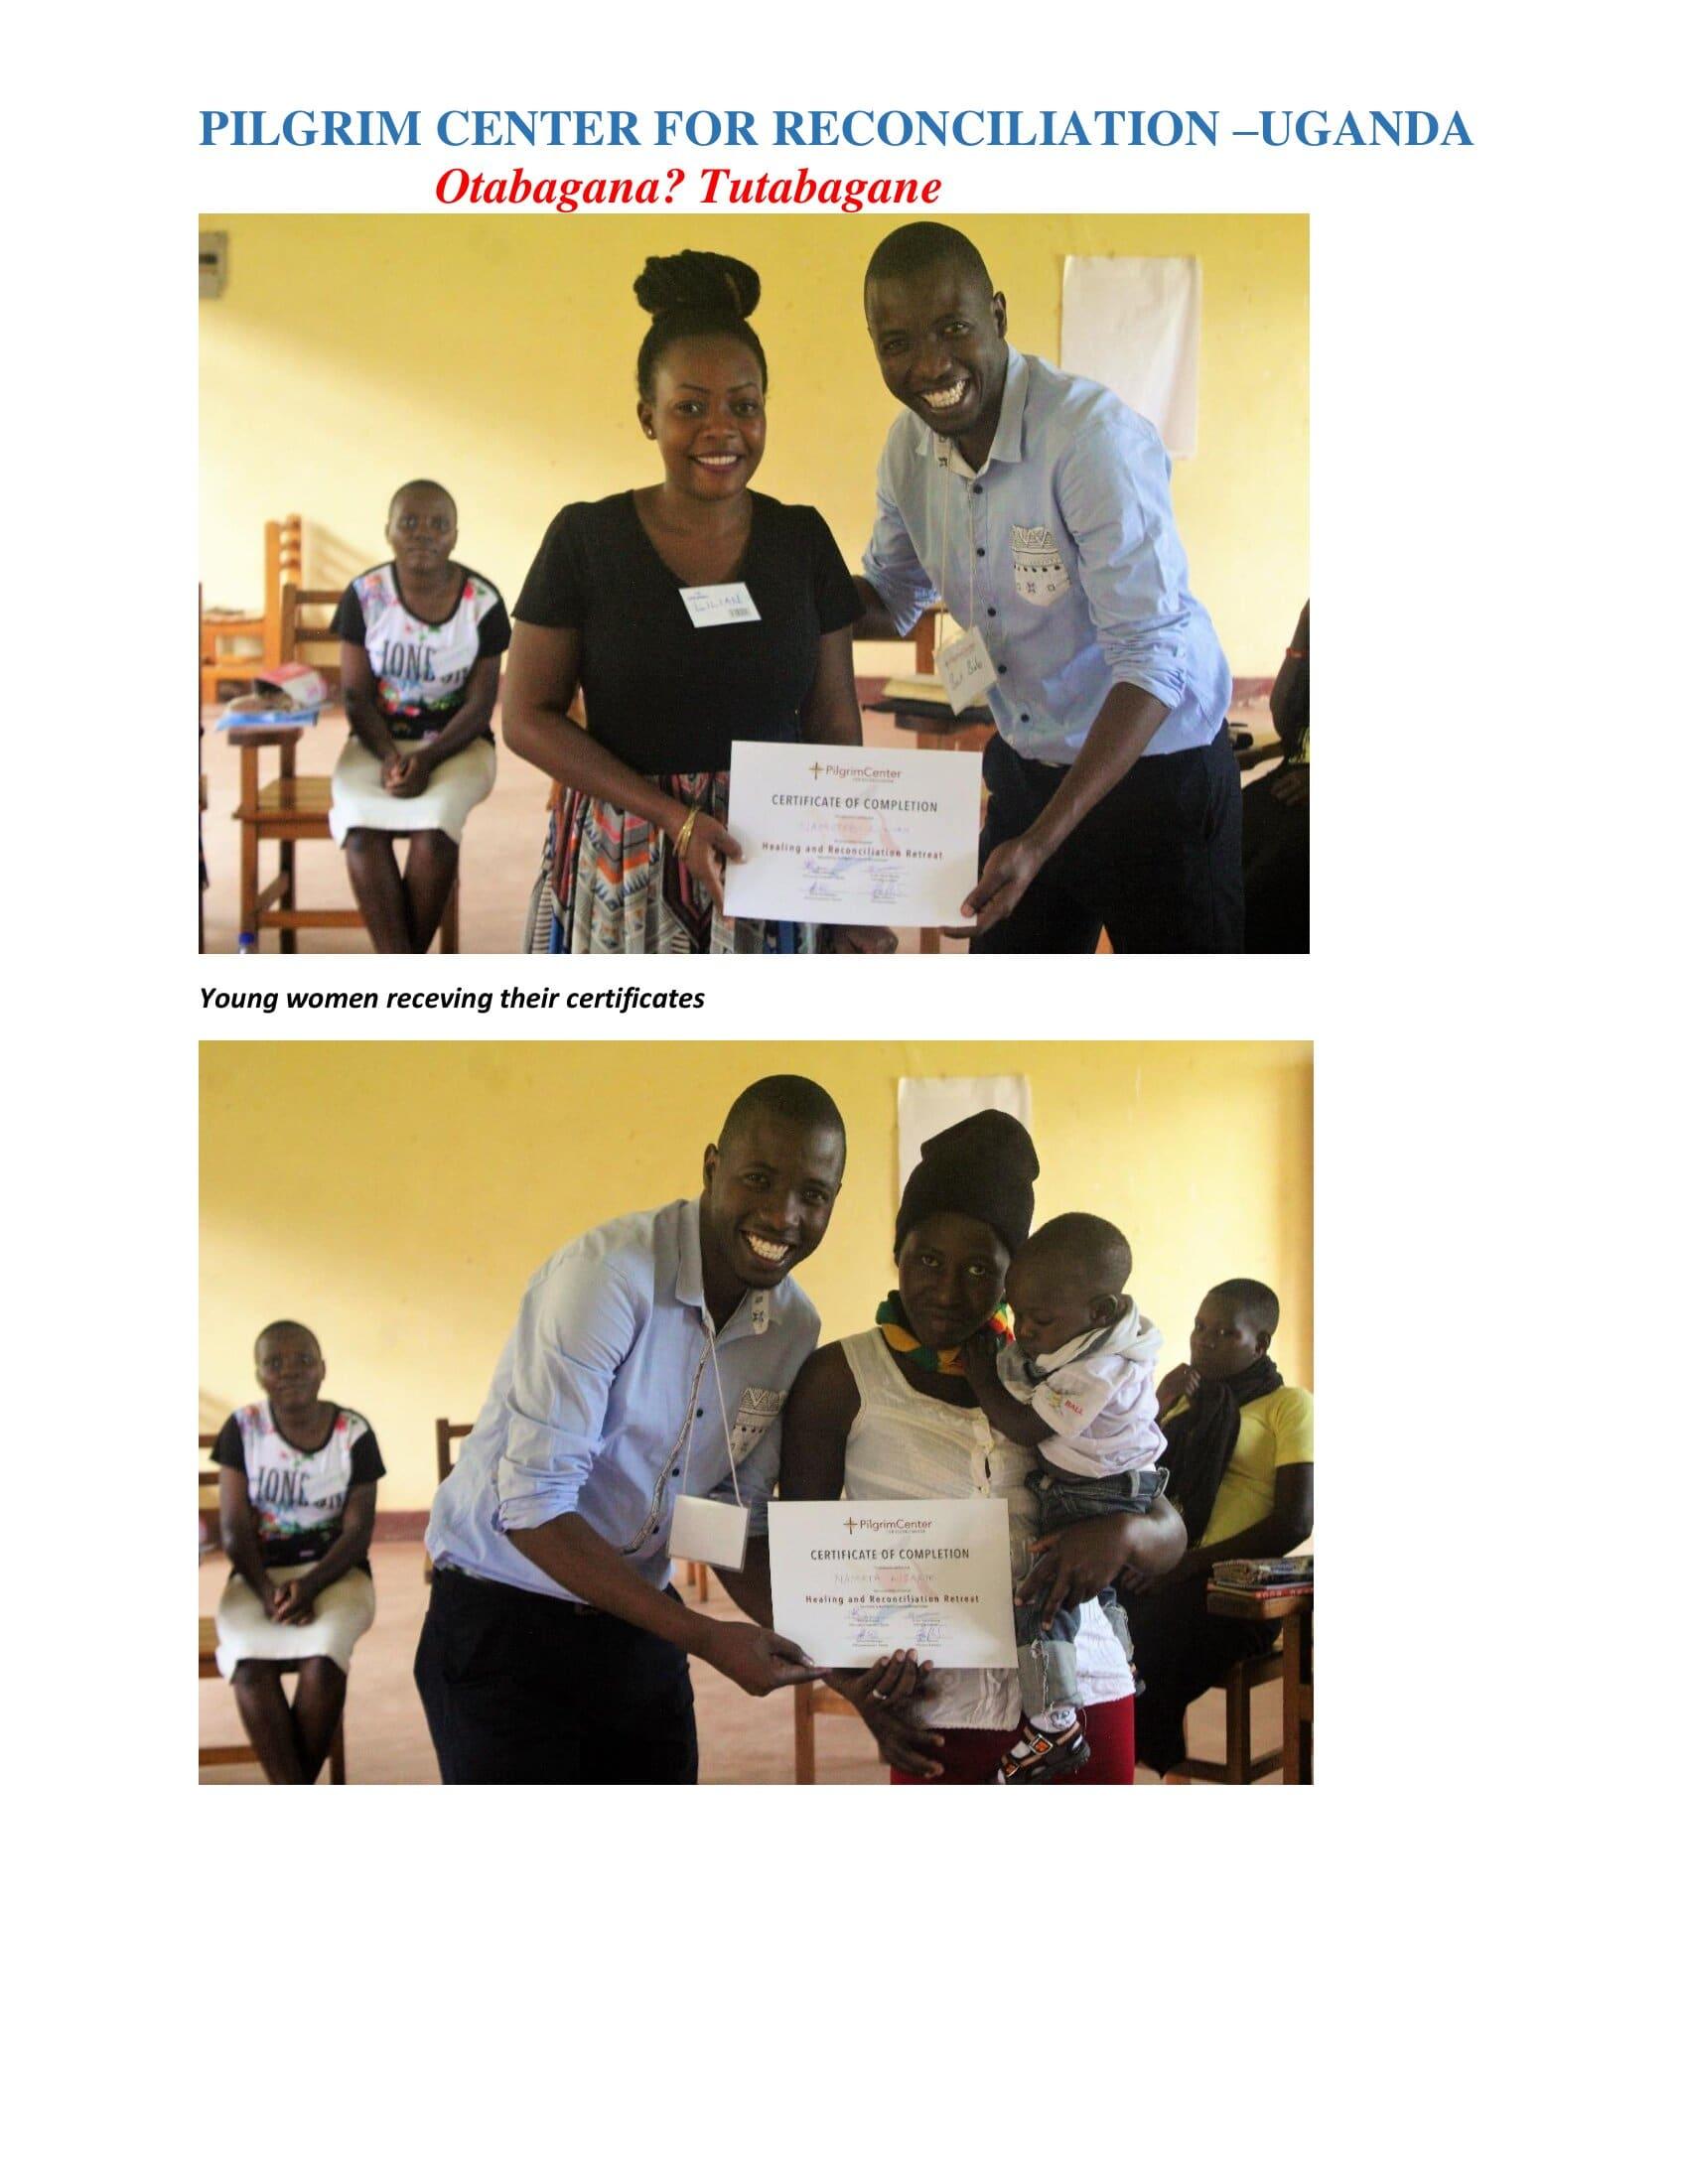 Pirigrim center for reconcilation -Uganda _0018-min